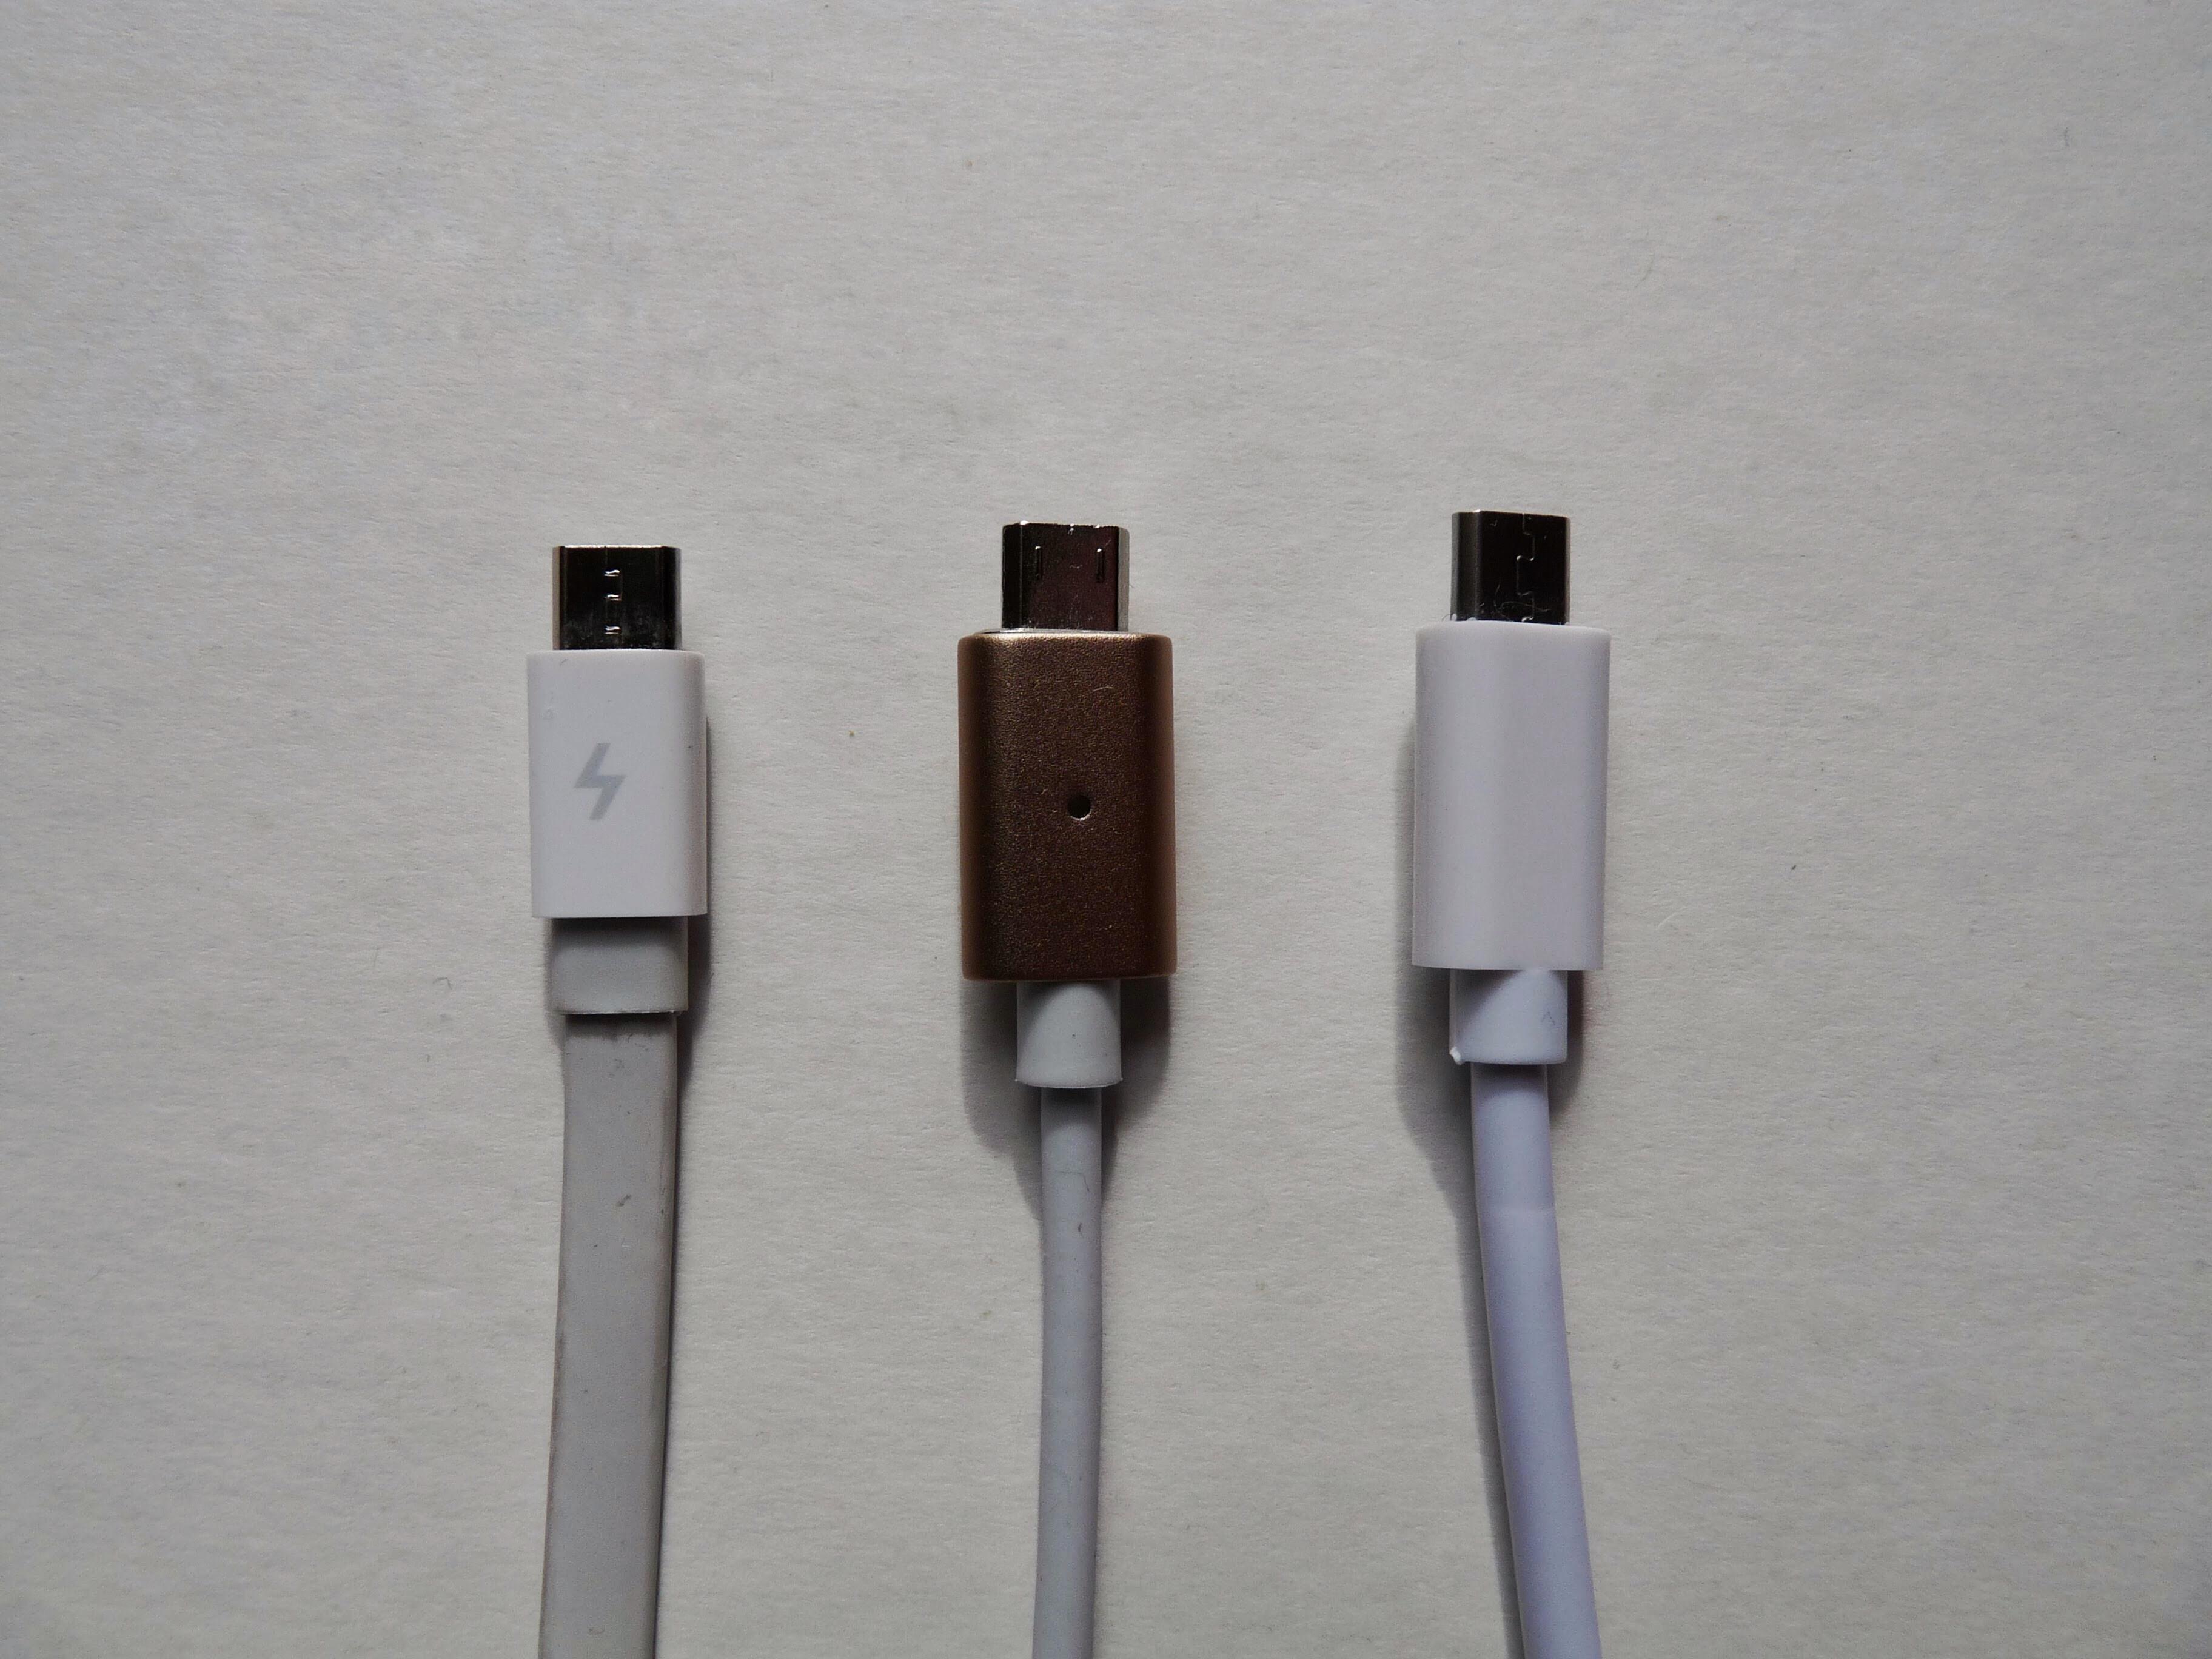 Xiaomi, Meiyi & Floveme Connectors